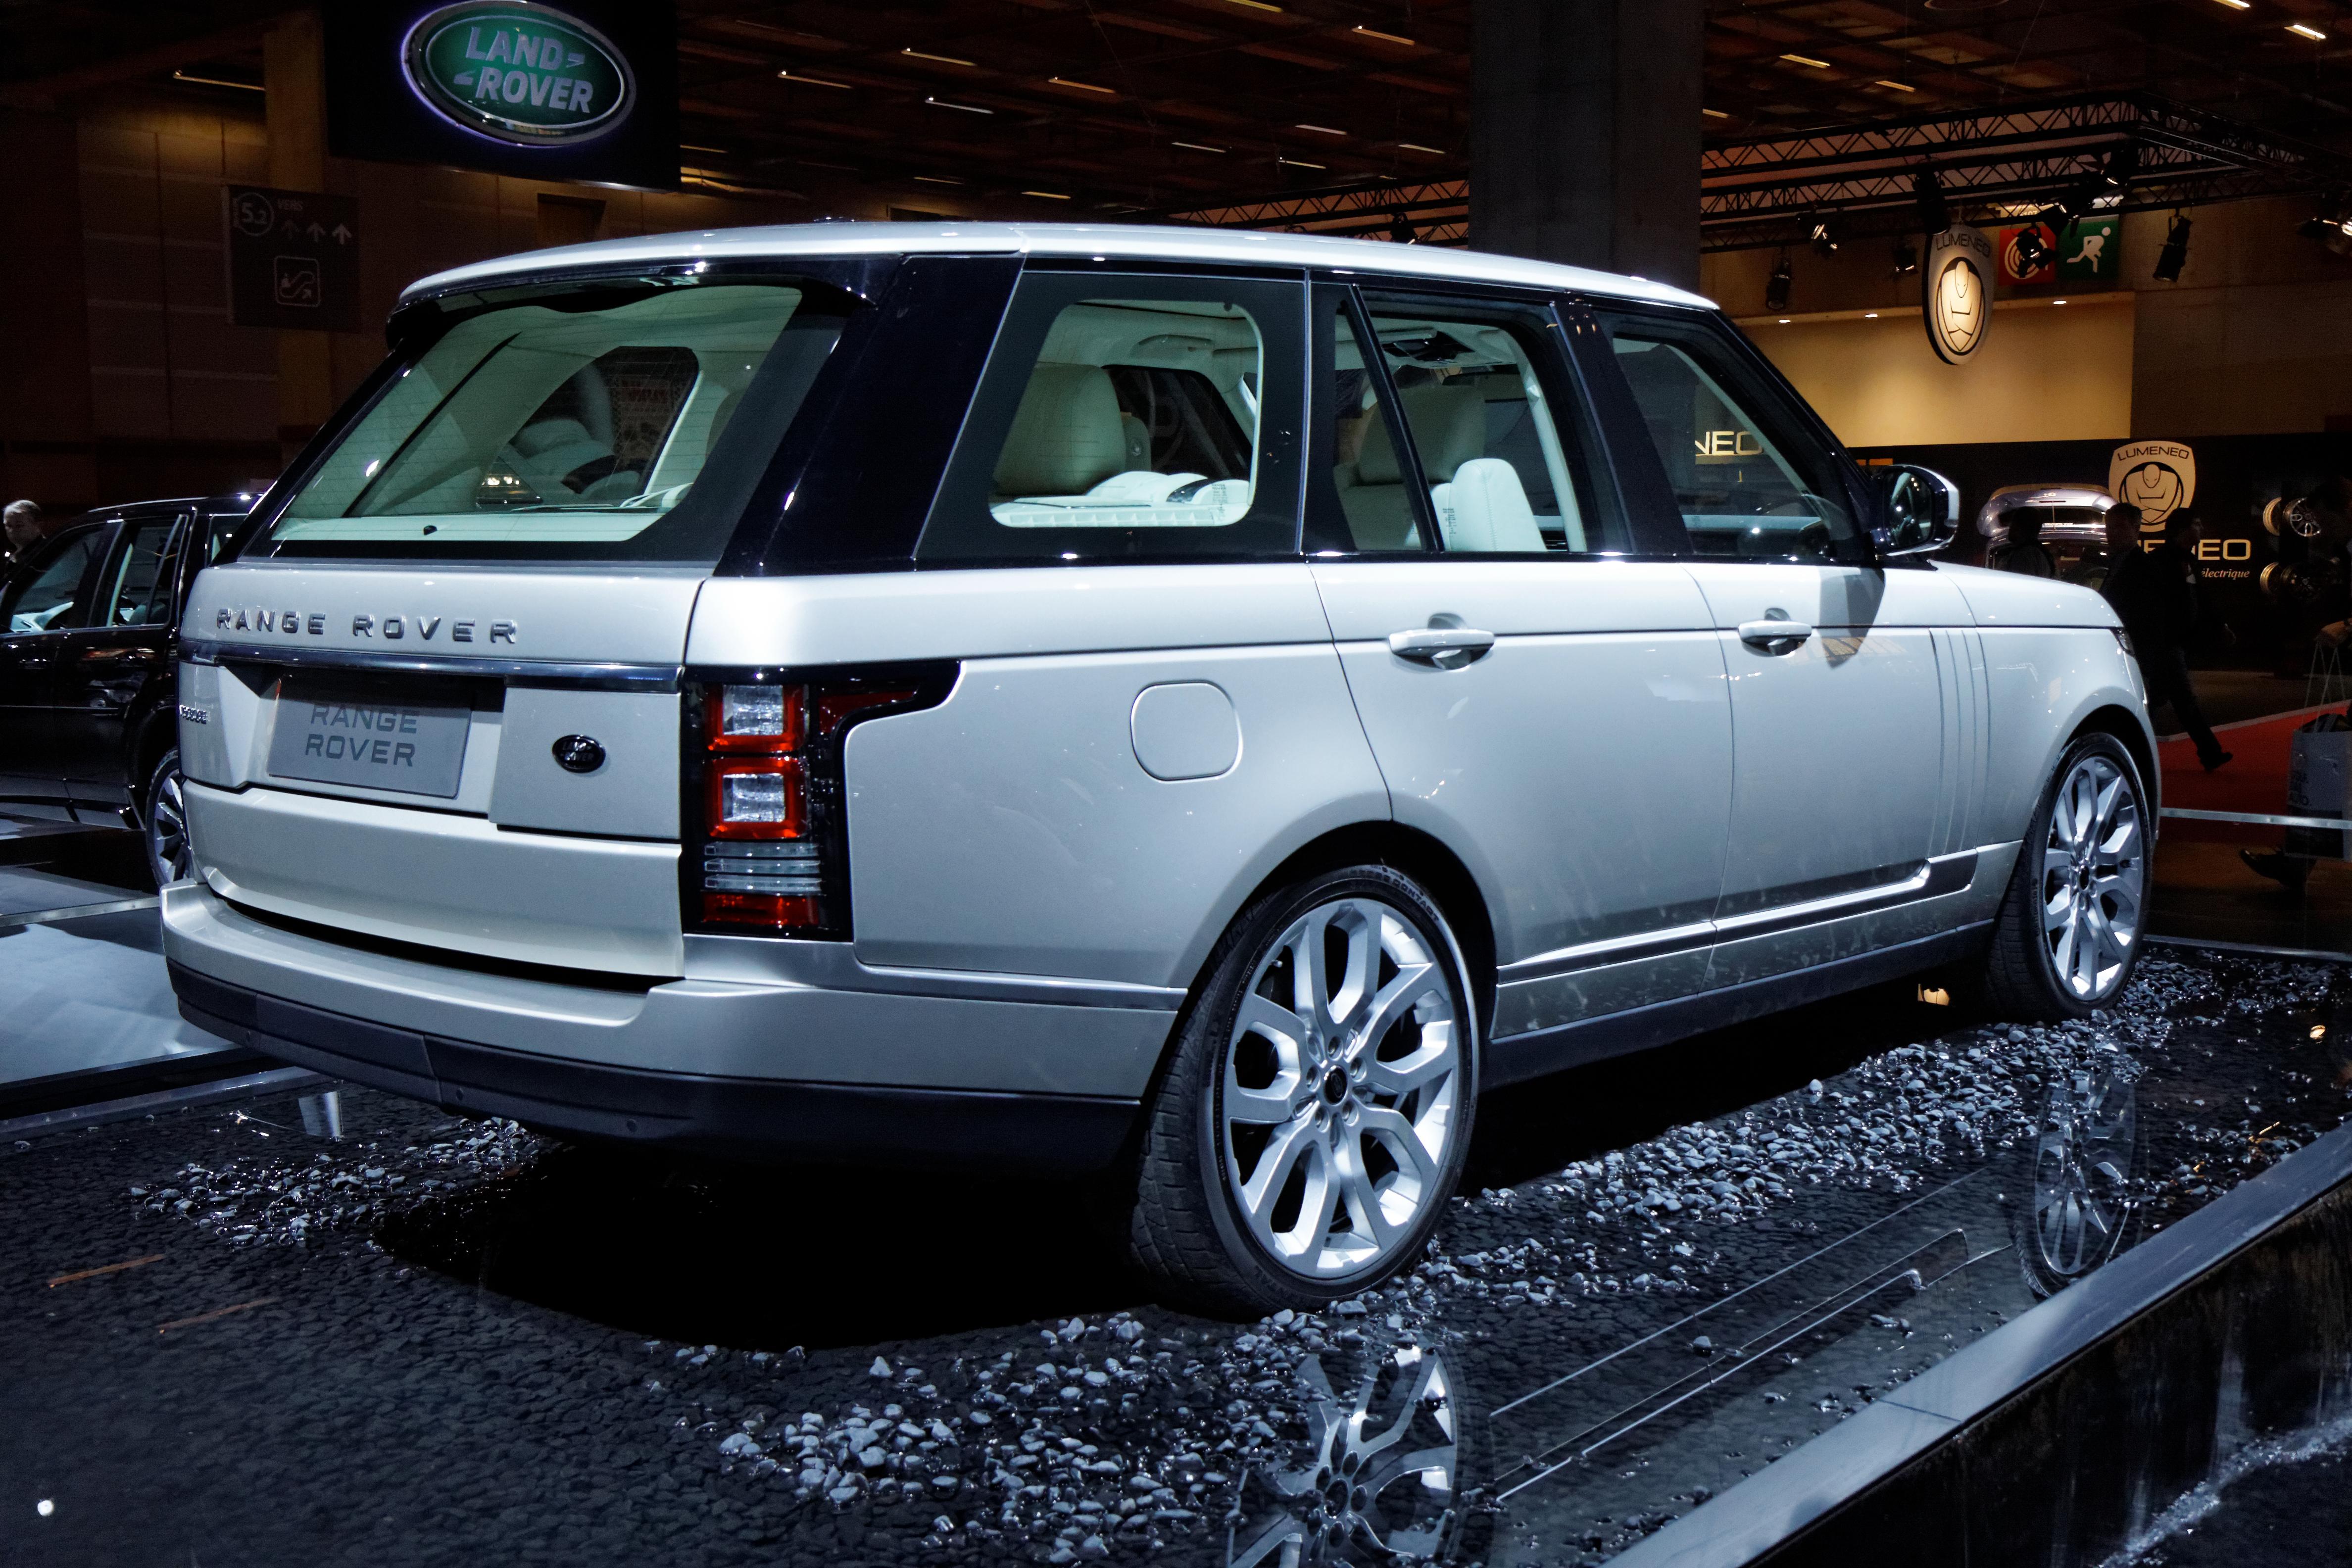 file land rover range rover mondial de l 39 automobile de paris 2012 wikimedia commons. Black Bedroom Furniture Sets. Home Design Ideas